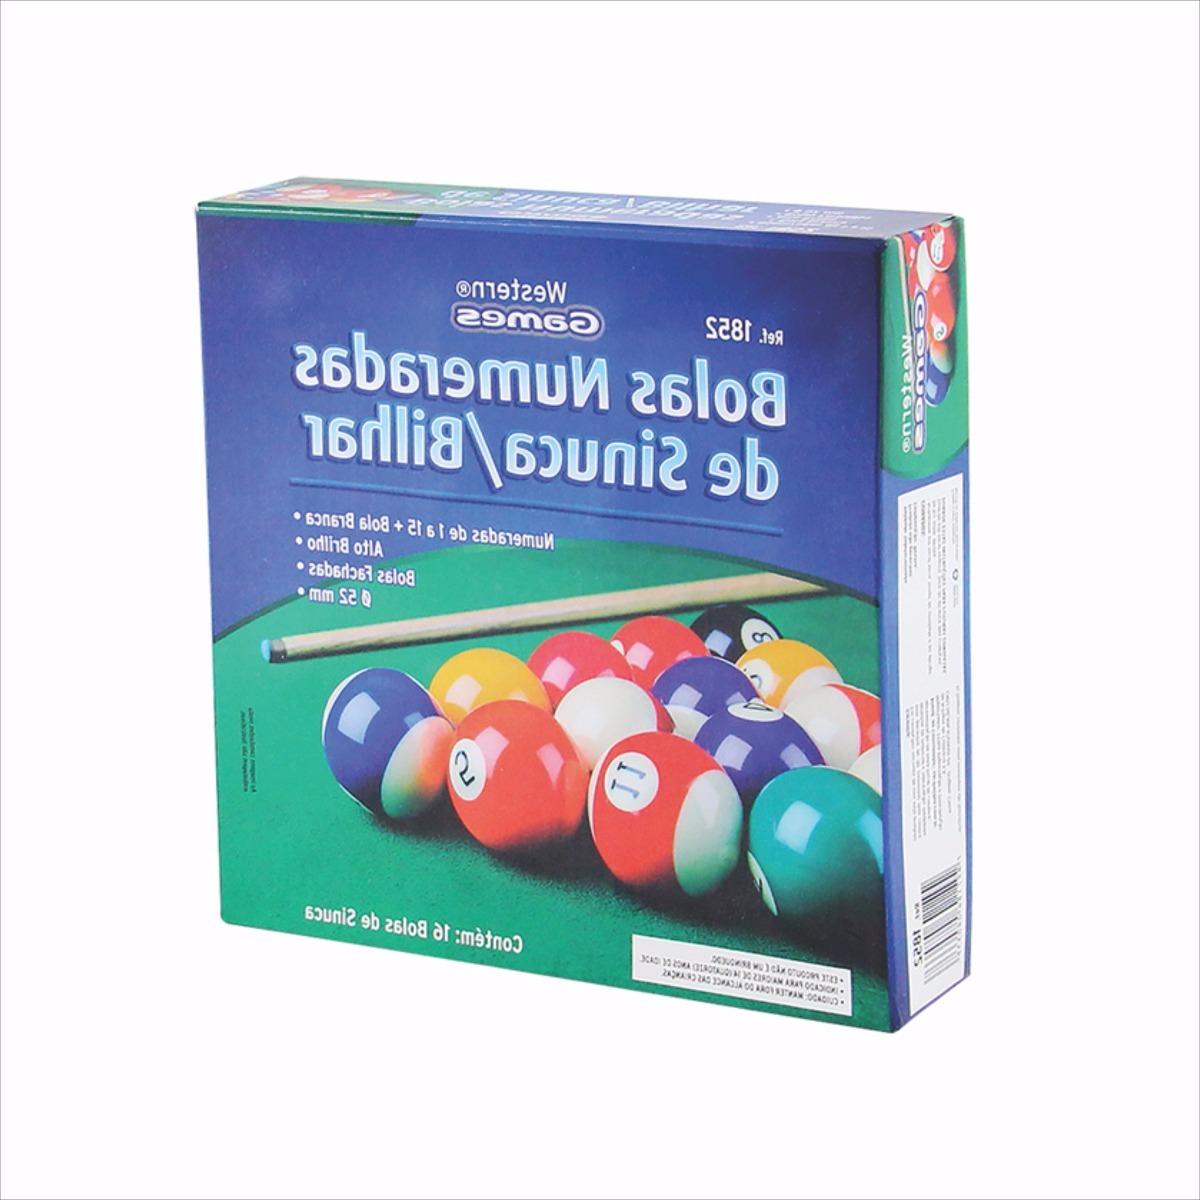 hobbie jogo bola sinuca bilhar conjunto promoção kit 16 pçs. Carregando  zoom. 53ee09c852ec5